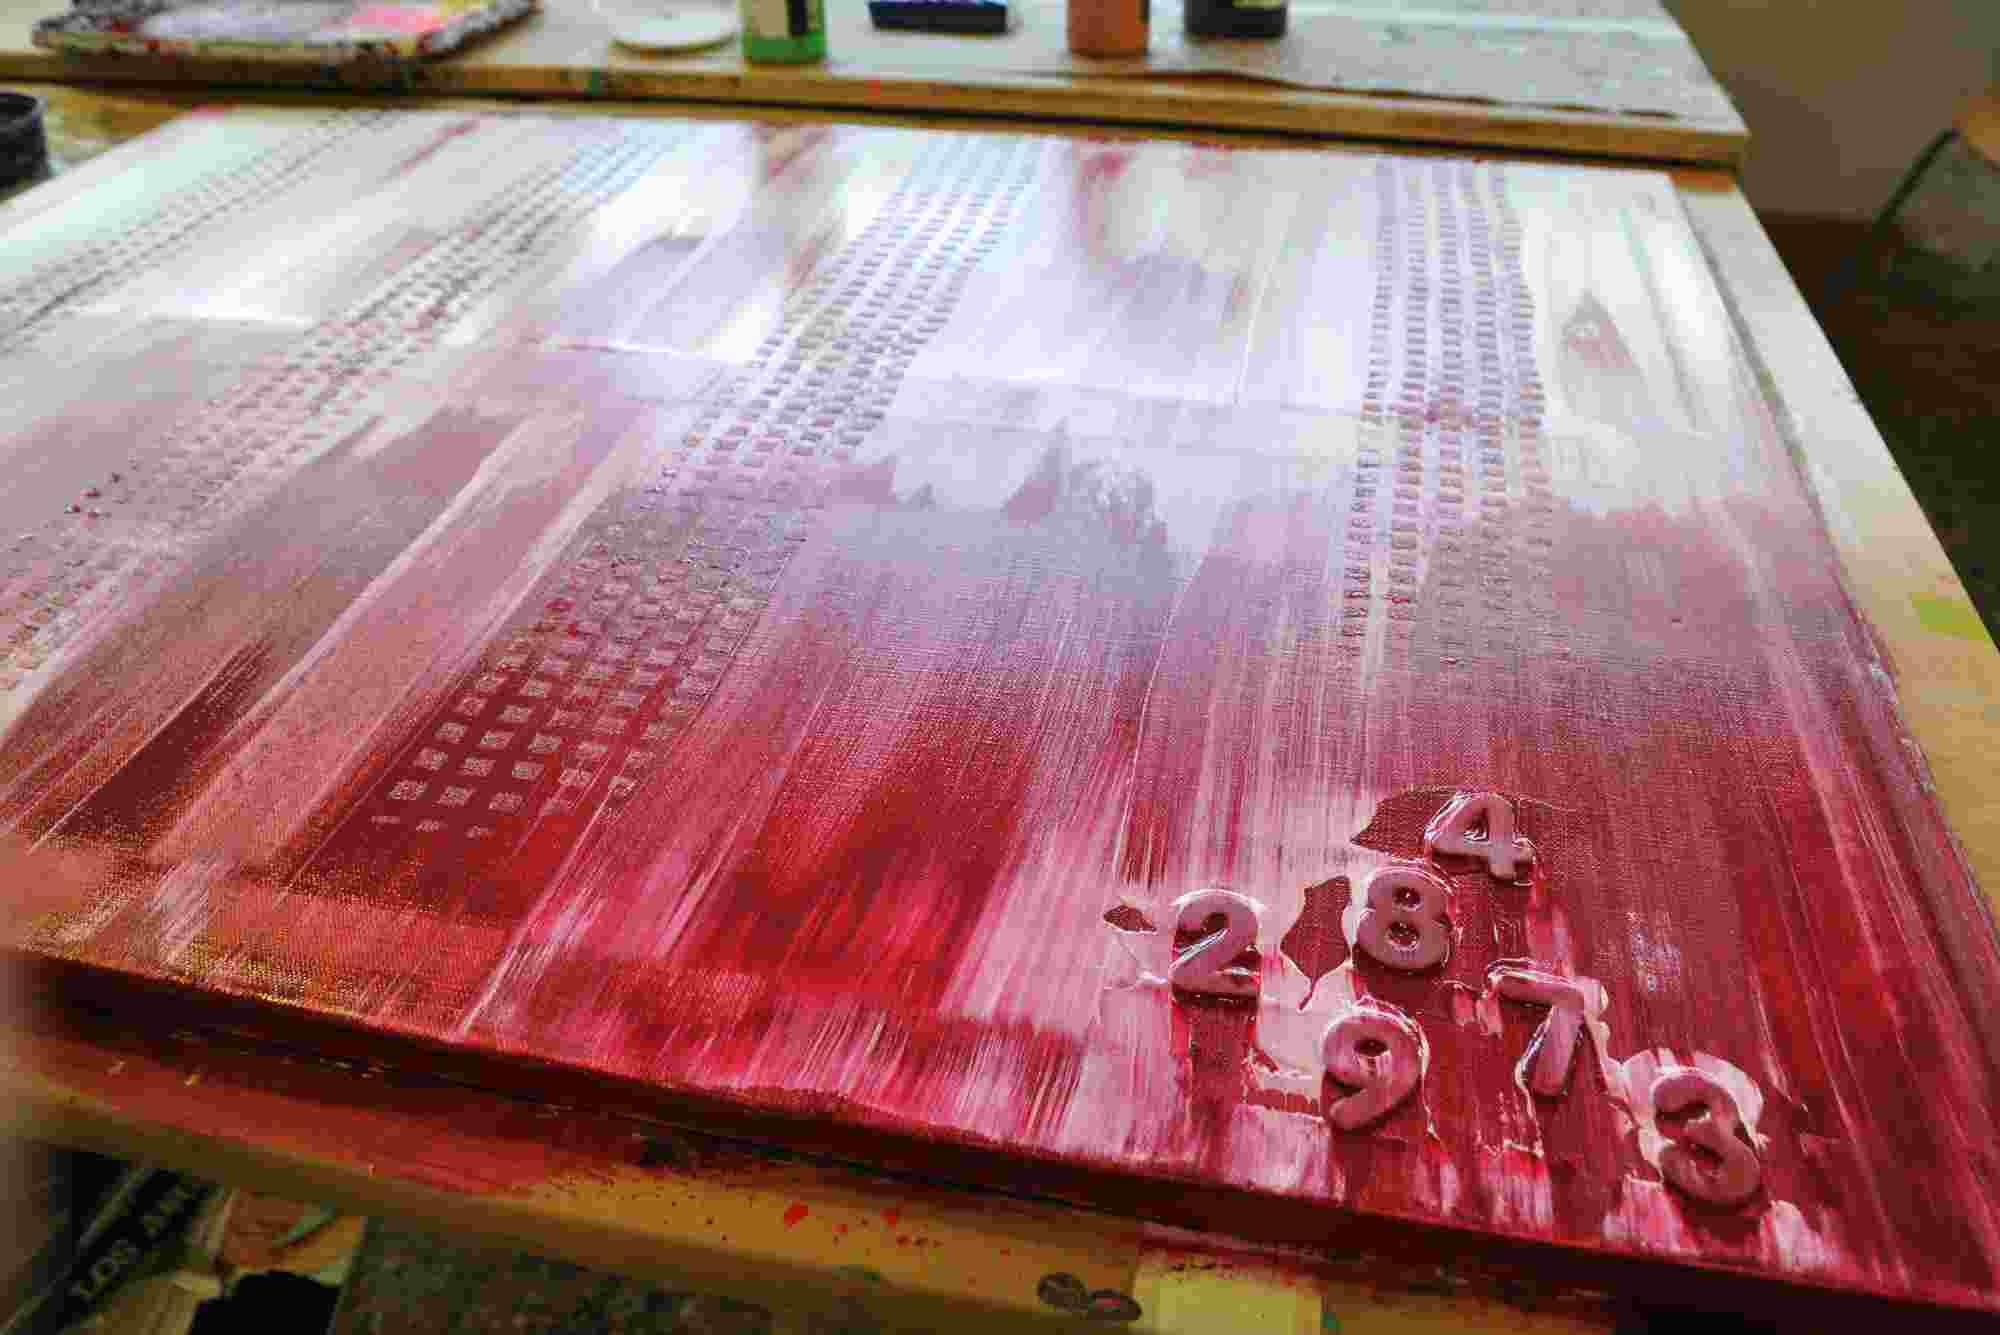 Die Klebebuchstaben wirken durch die Farbe